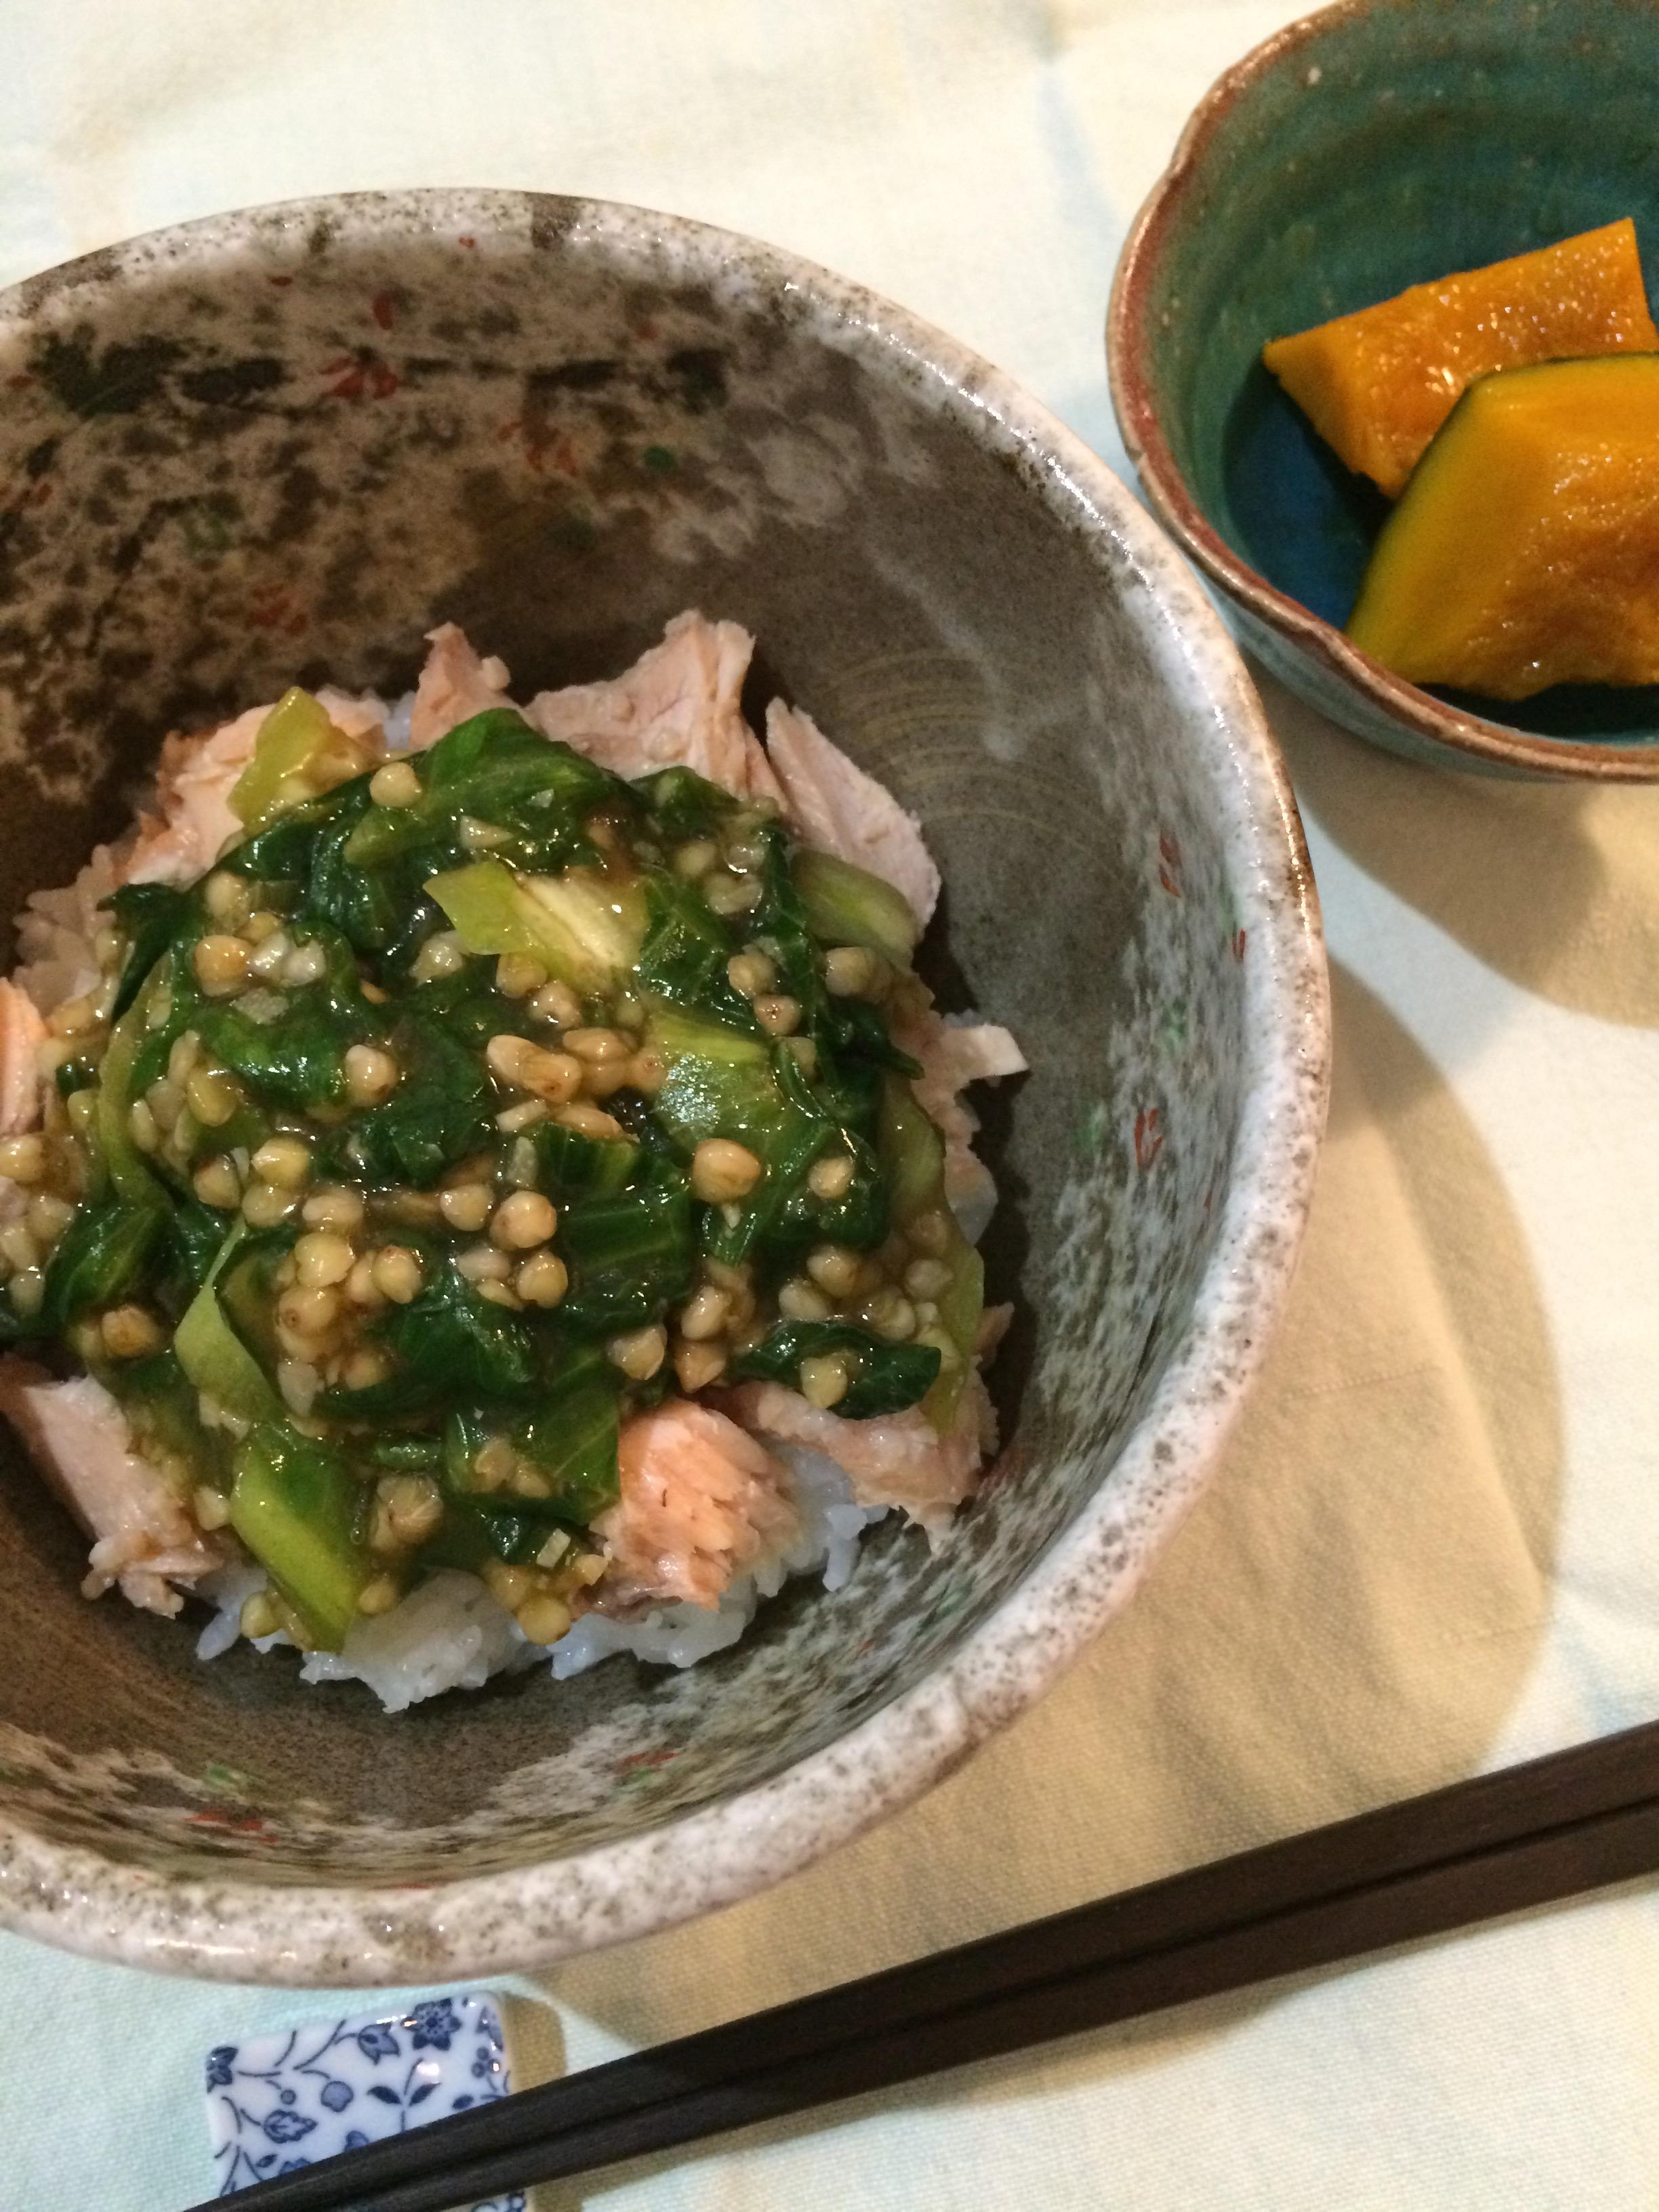 塩麹漬け秋鮭とそばの実レタスのあんかけ丼